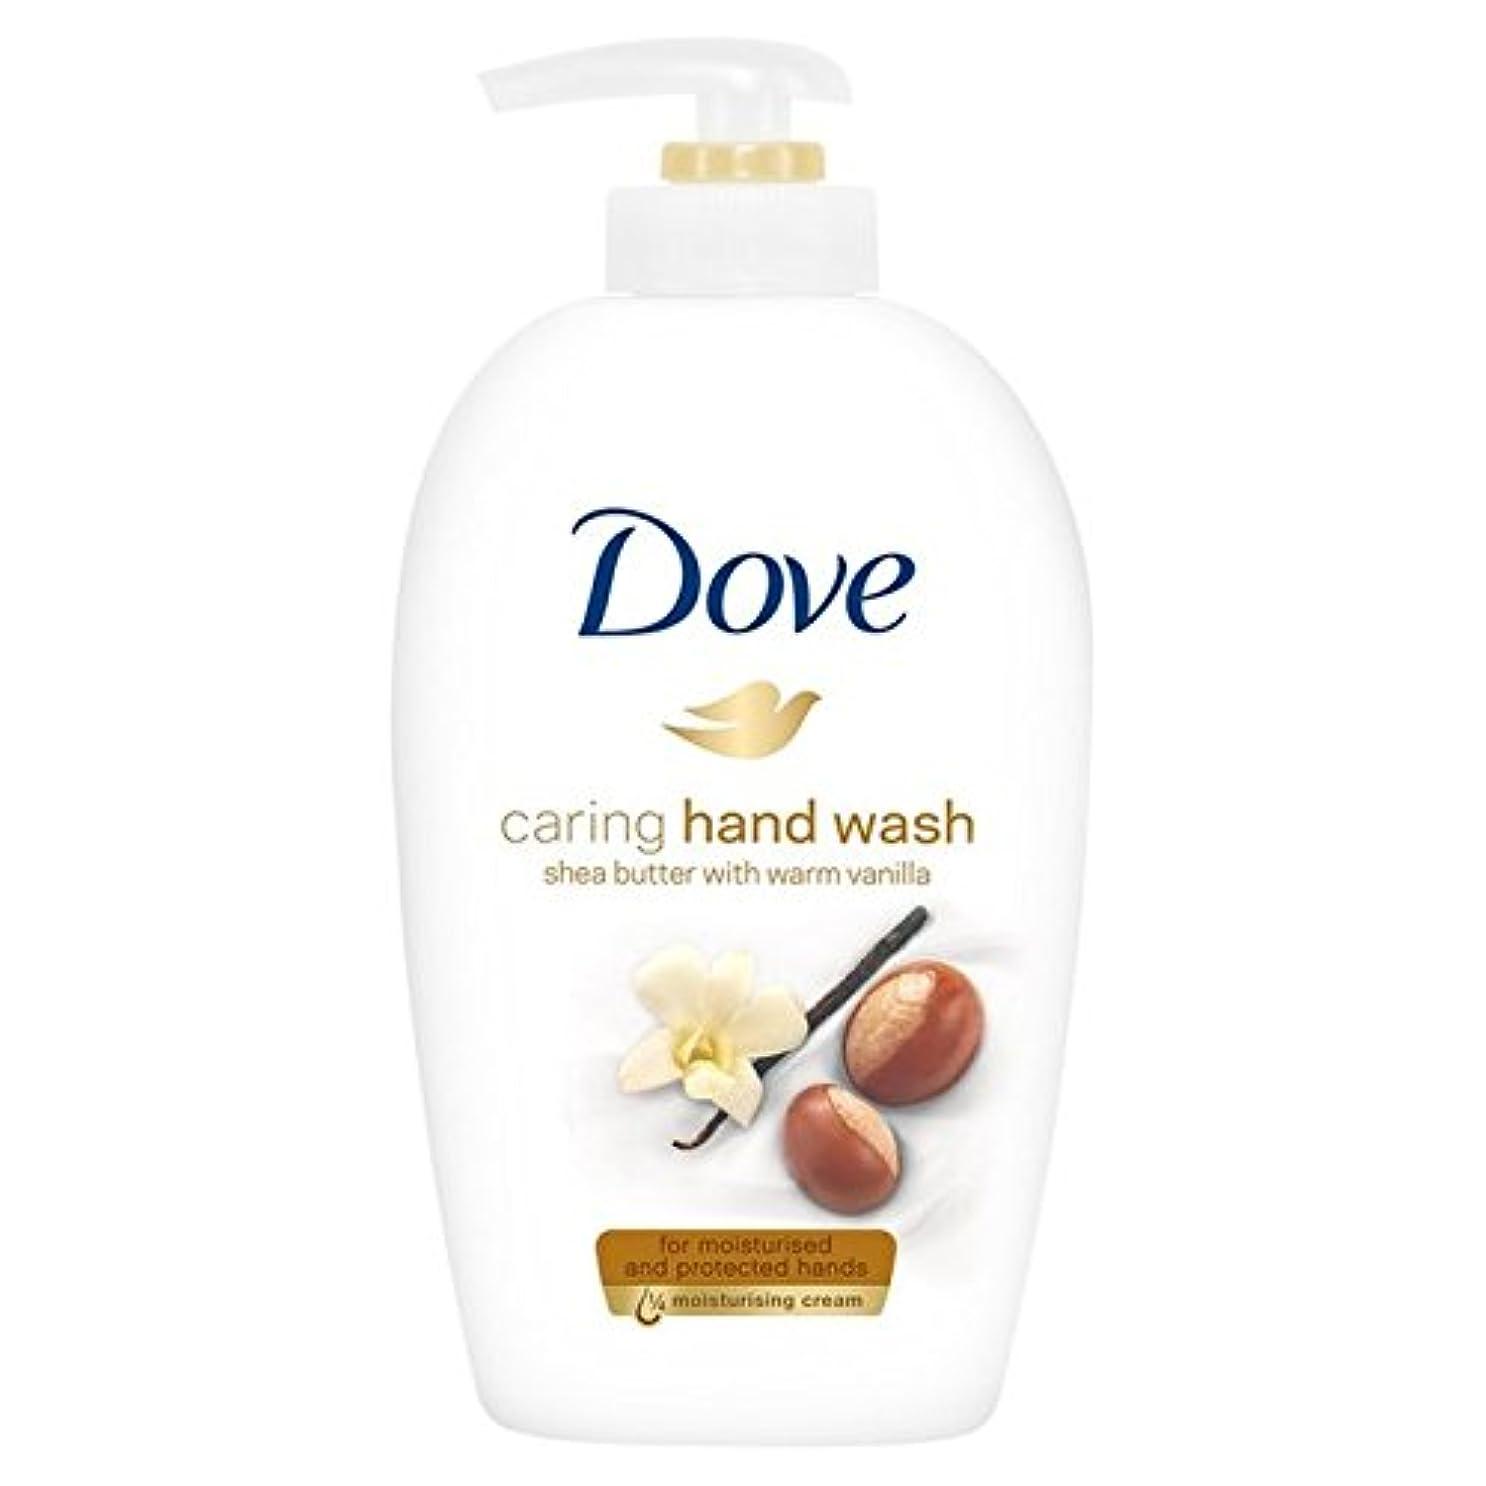 遮る更新するゴミ鳩純粋な贅沢シアバターの美容クリームウォッシュ250ミリリットル x4 - Dove Purely Pampering Shea Butter Beauty Cream Wash 250ml (Pack of 4) [並行輸入品]